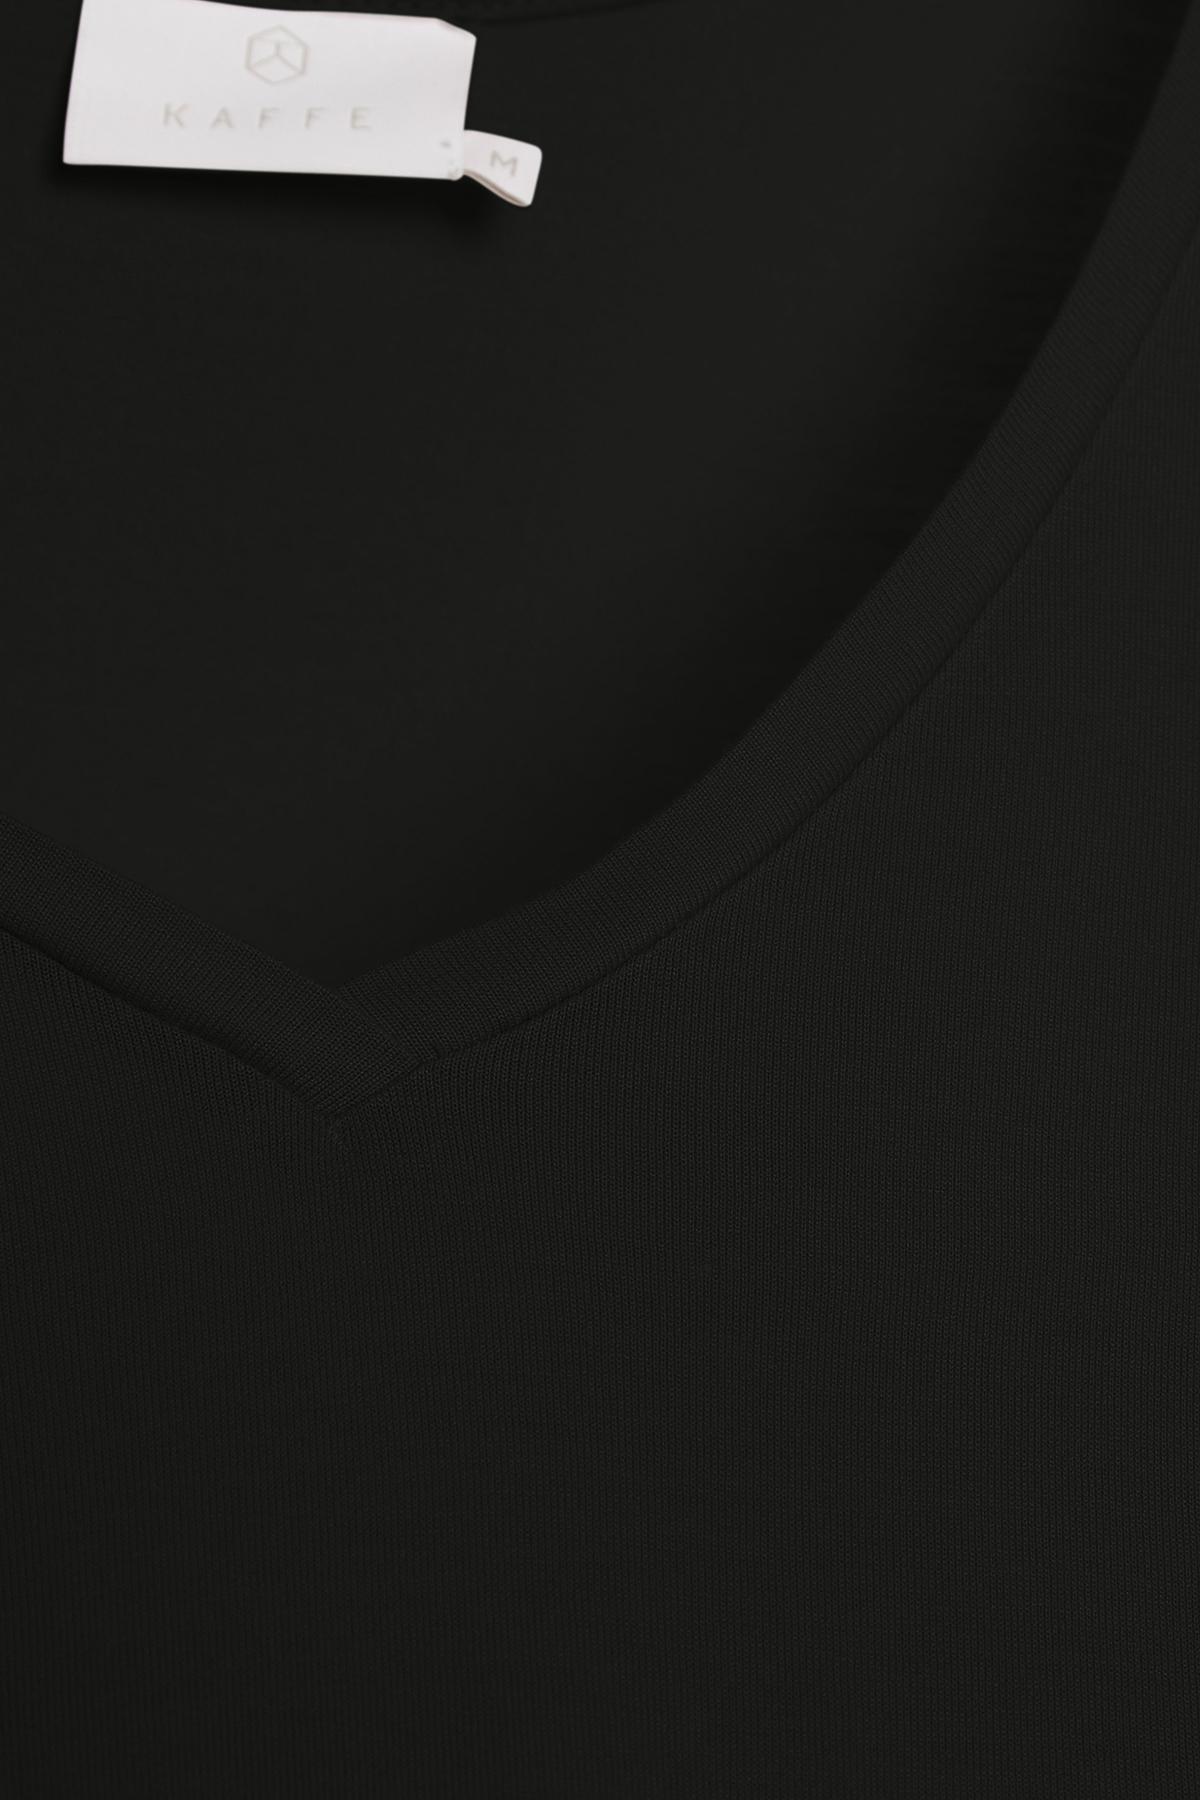 Svart Kortärmad T-shirt från Kaffe – Köp Svart Kortärmad T-shirt från stl. XS-XXL här